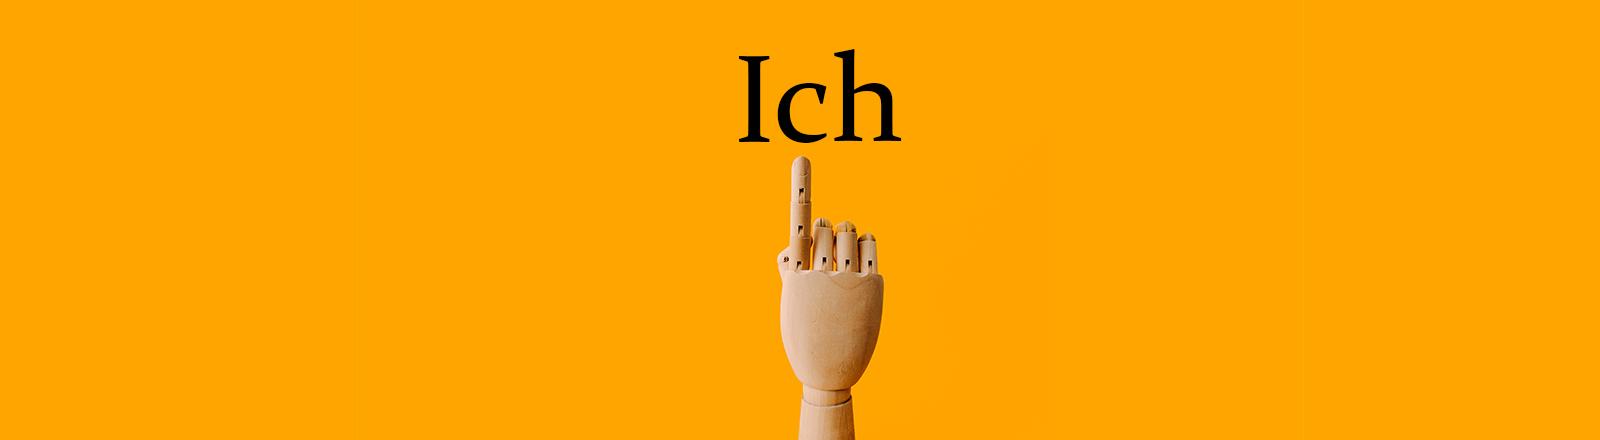 """Holzhand Zeigefinger Schrift """"Ich"""""""